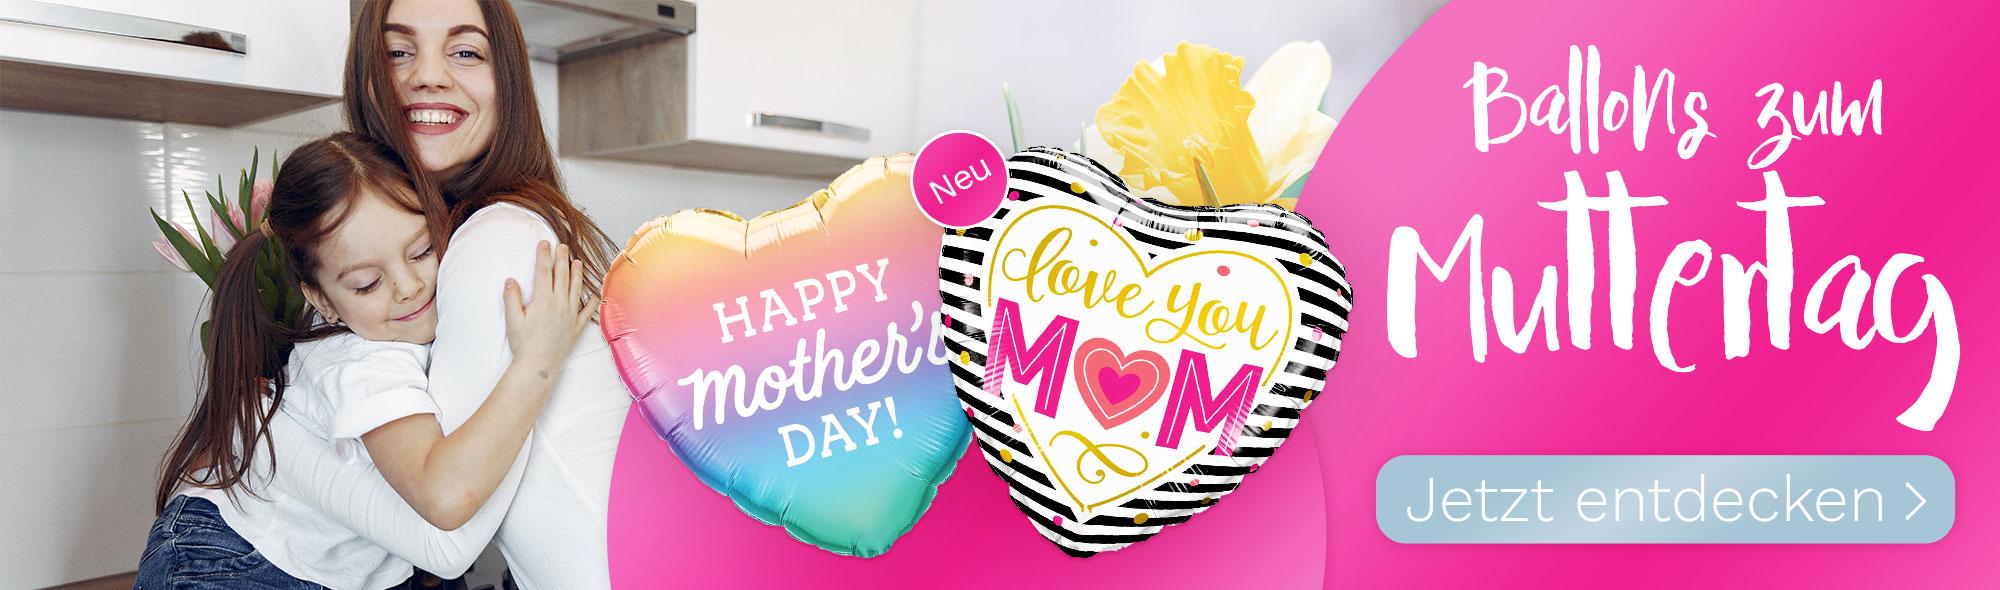 Teaser Muttertag 2020